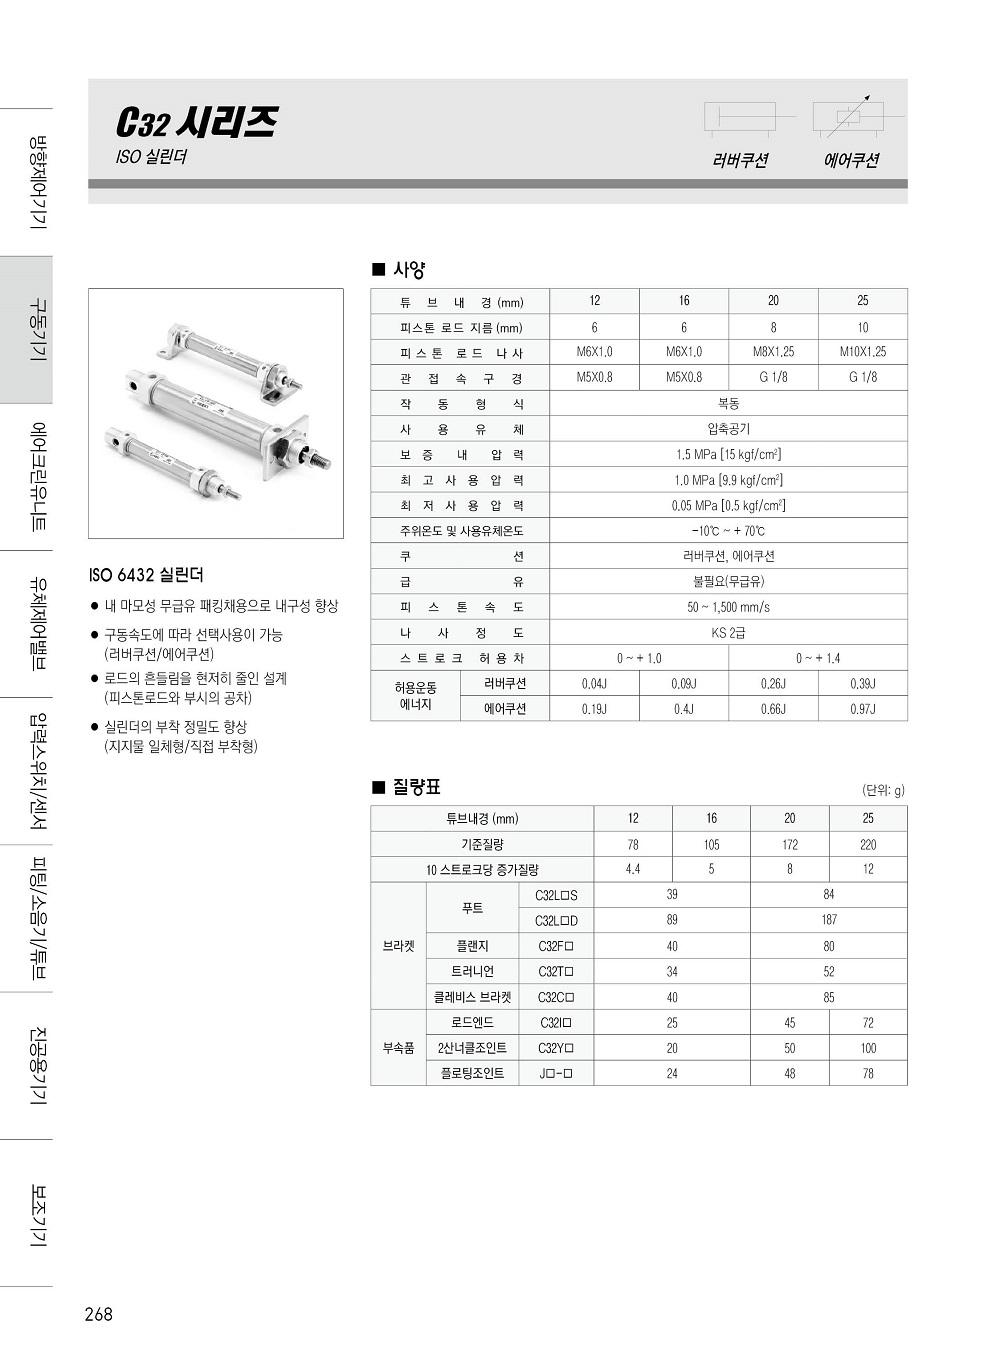 2+신영제어기 종합카다로그 200416268.jpg